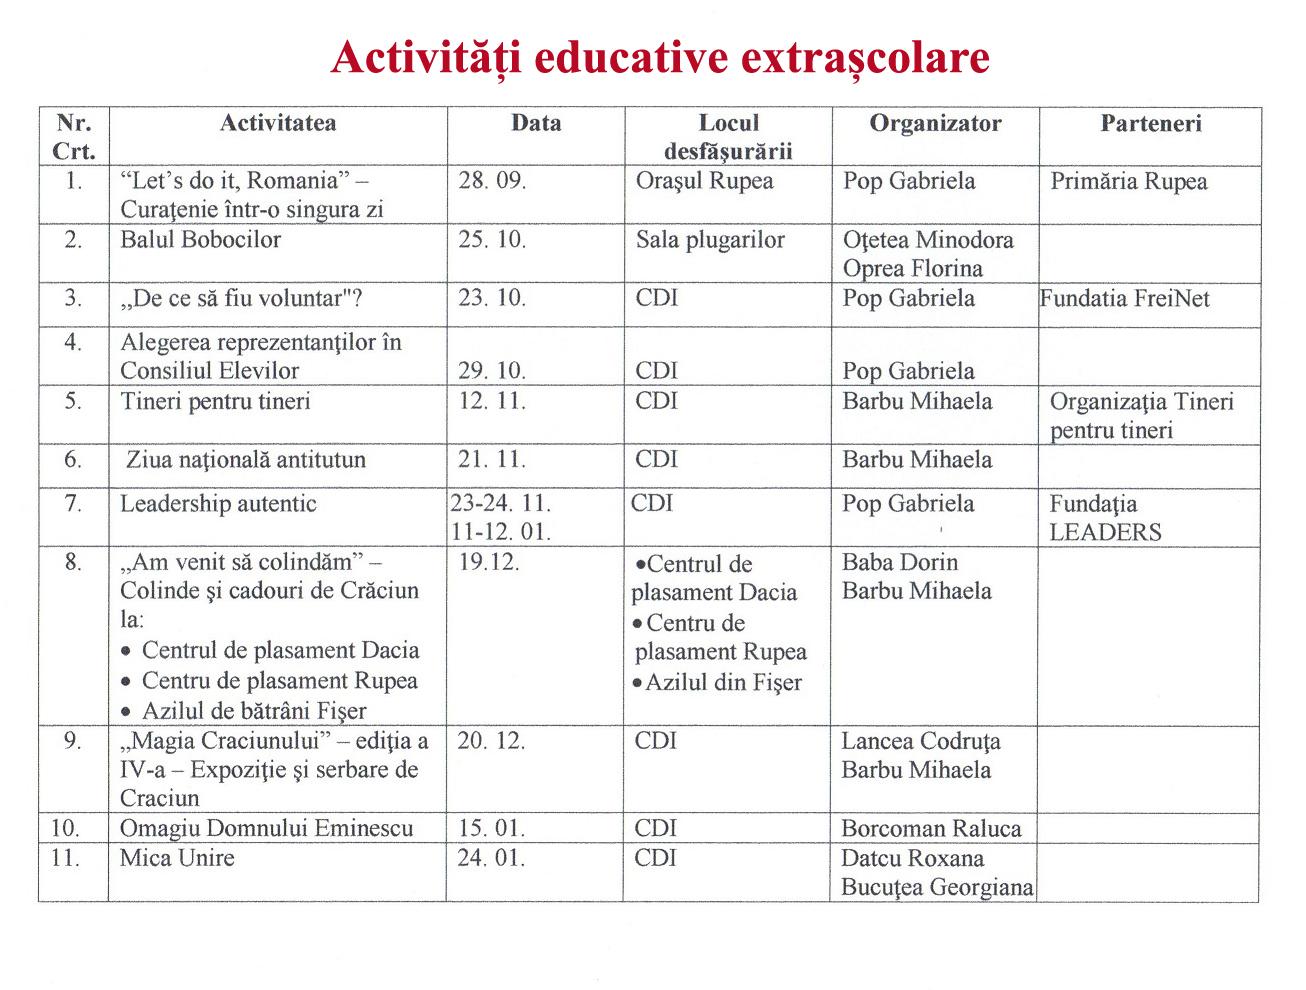 Activitati extrascolare